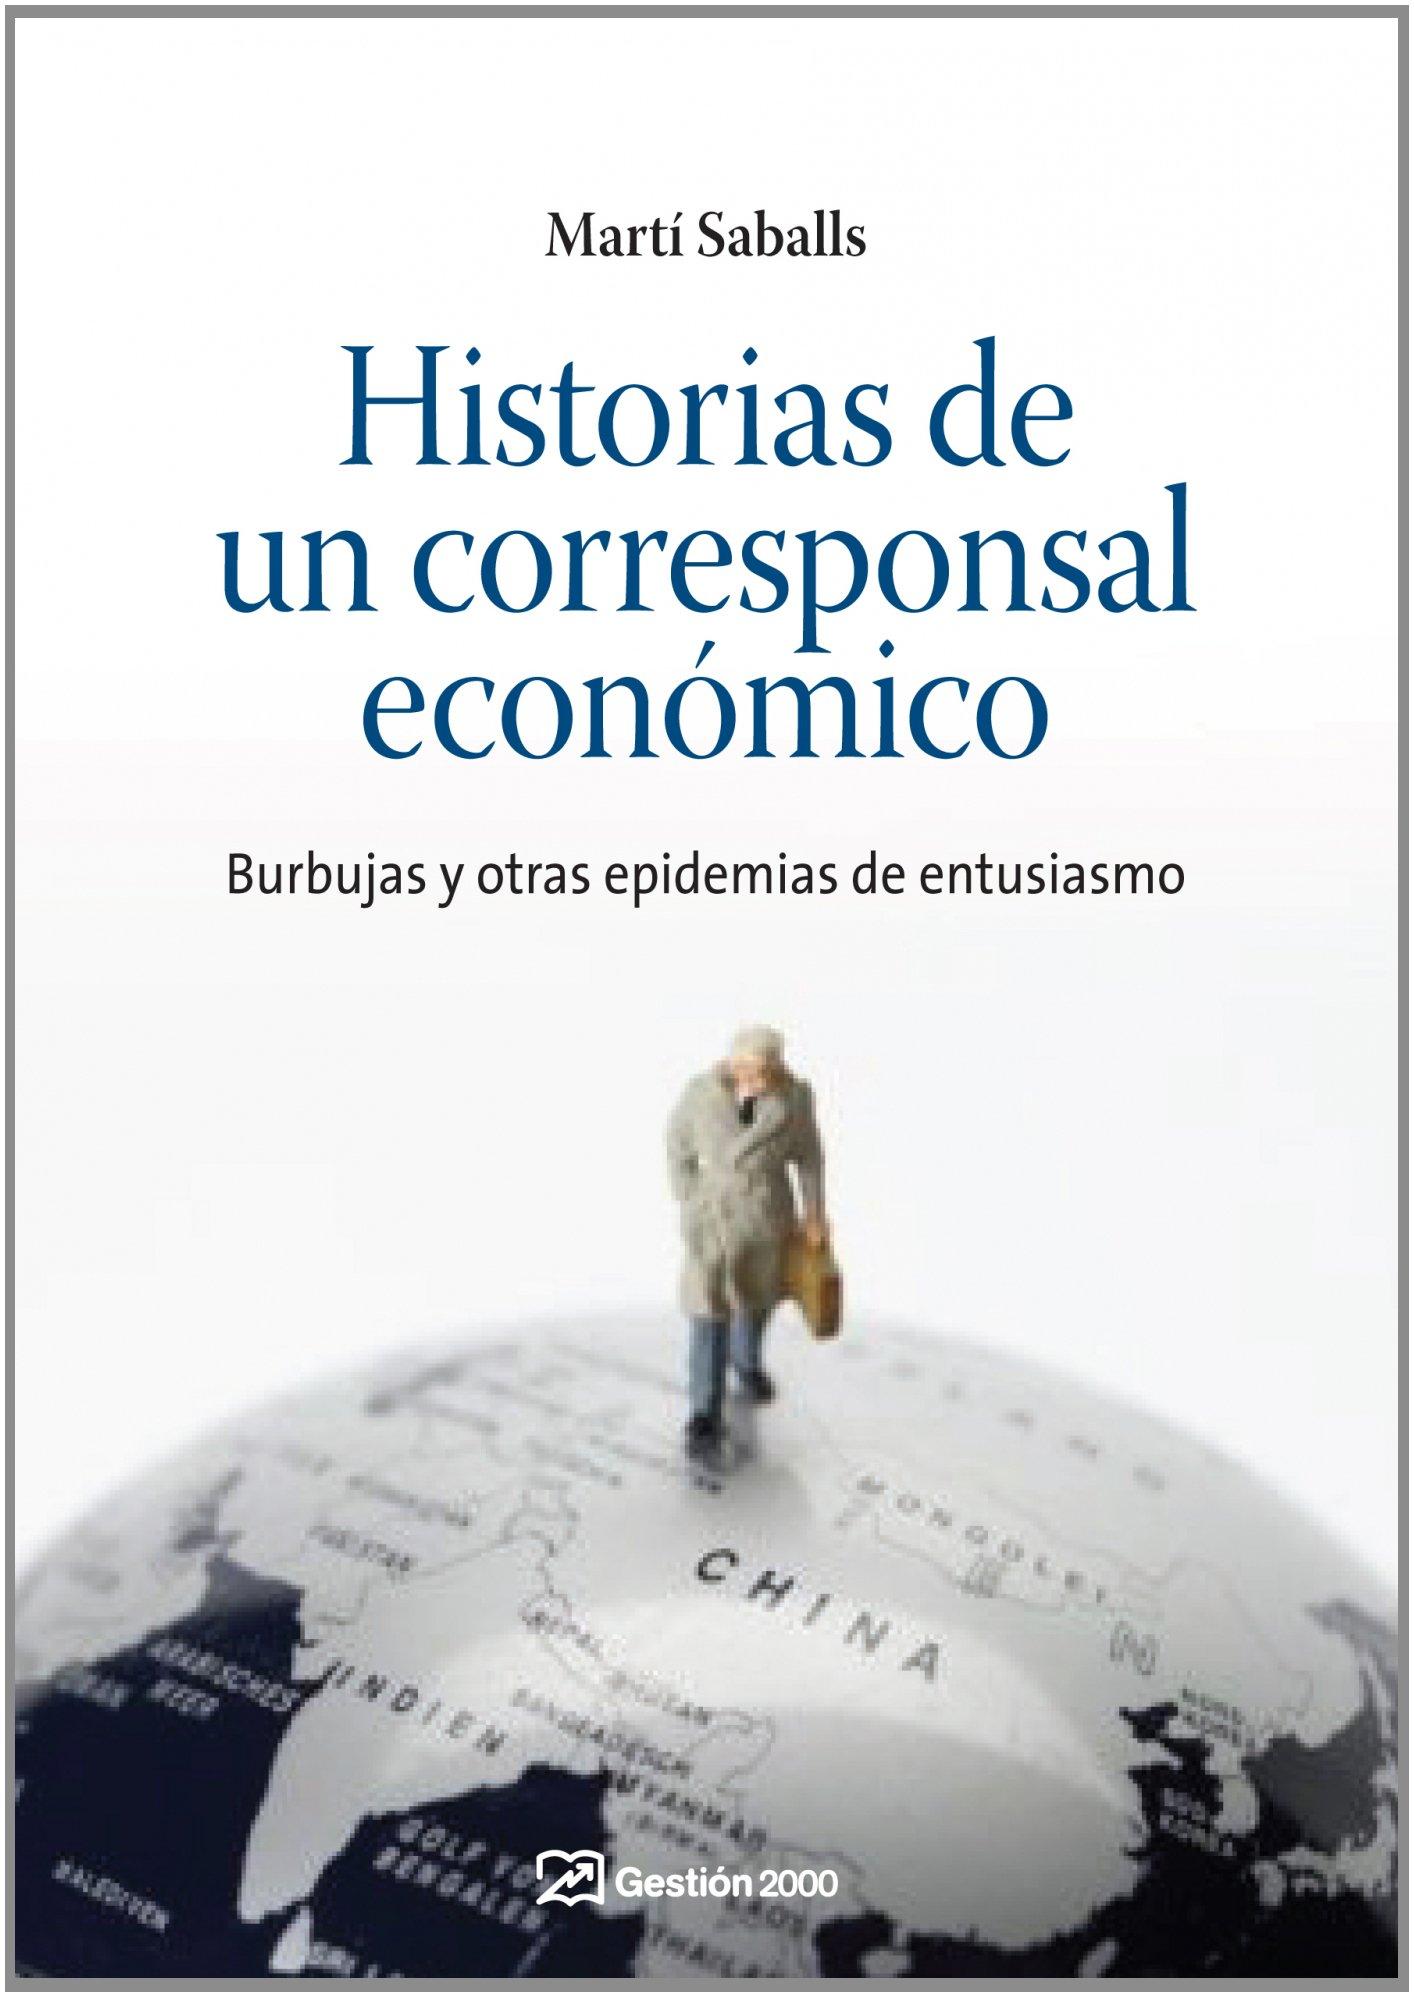 Historias de un corresponsal económico: Burbujas y otras epidemias de entusiasmo: Amazon.es: Marti Saballs: Libros